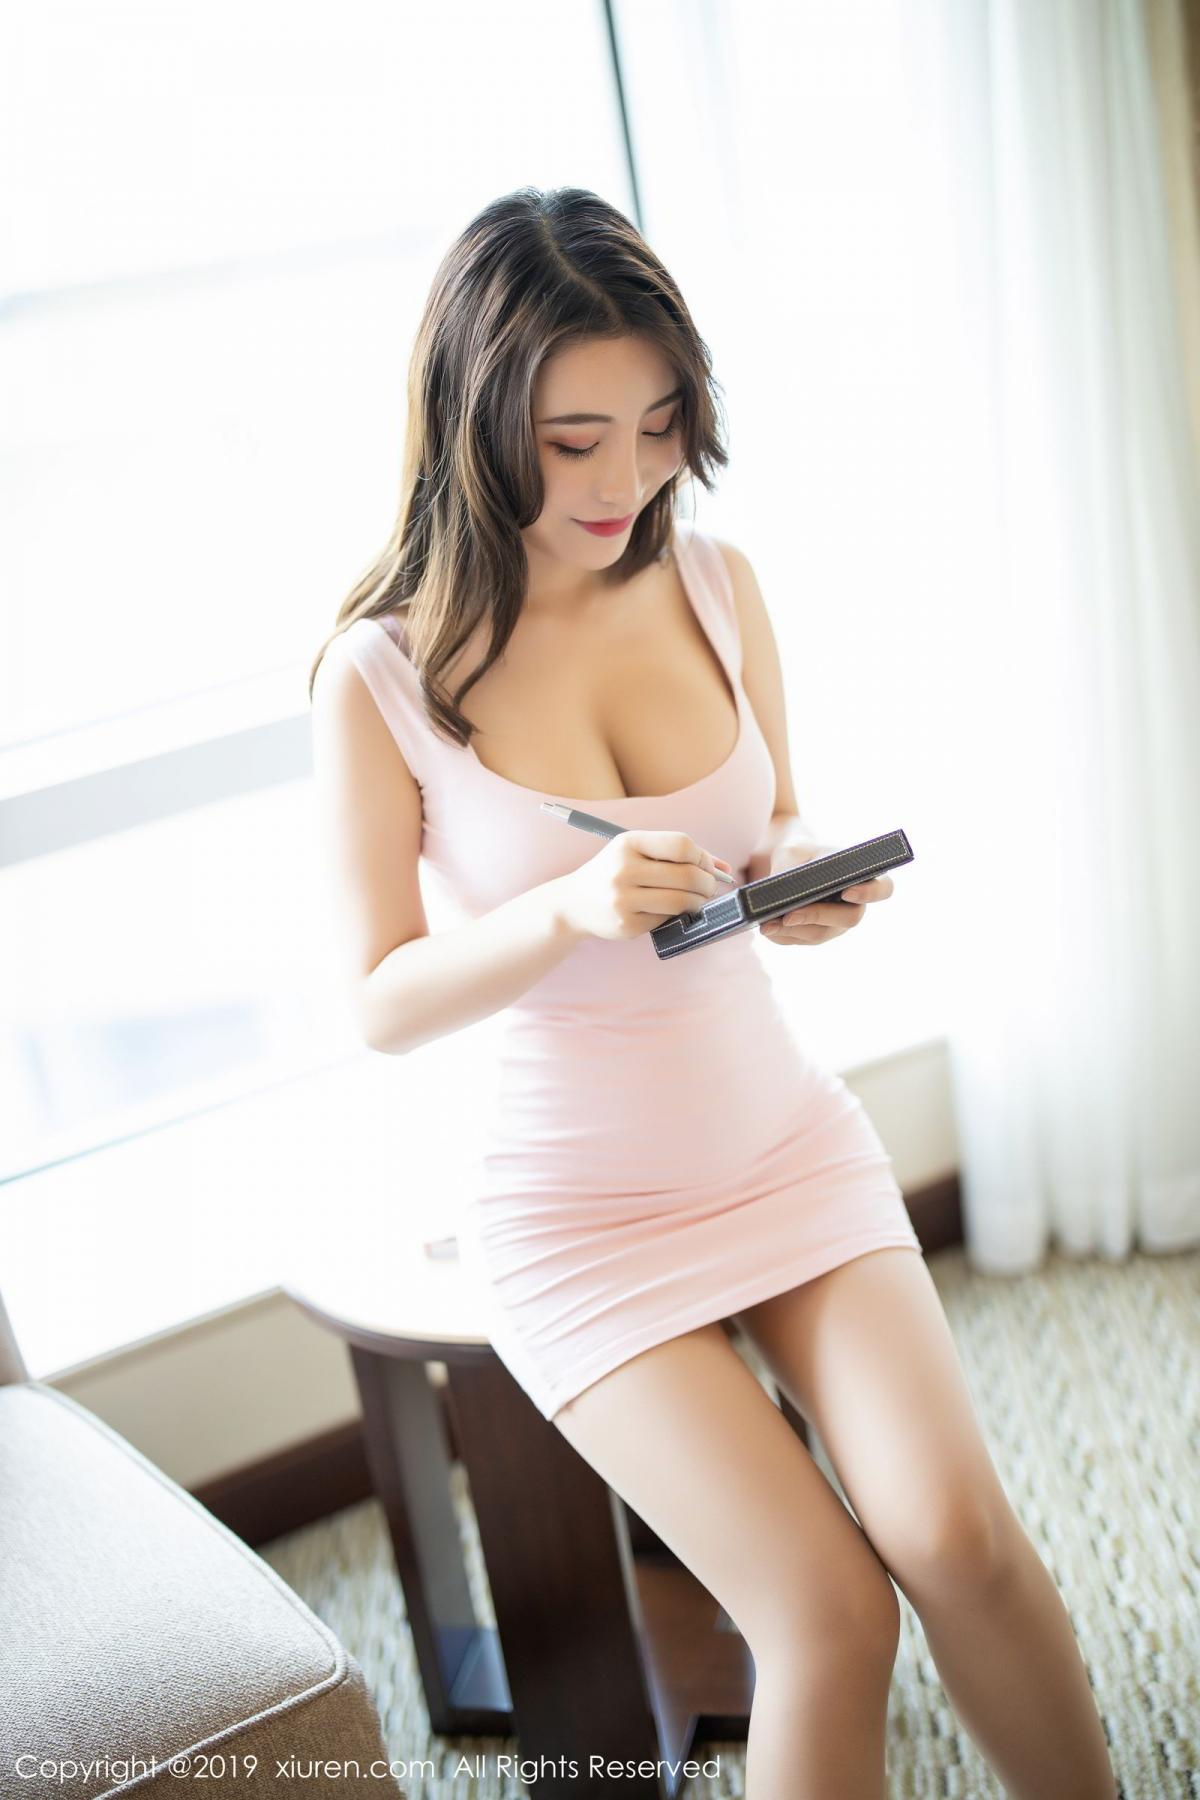 [XiaoYu] Vol.1697 Xie Zhi Xin 5P, Home, Sexy, XiaoYu, Xie Zhi Xin